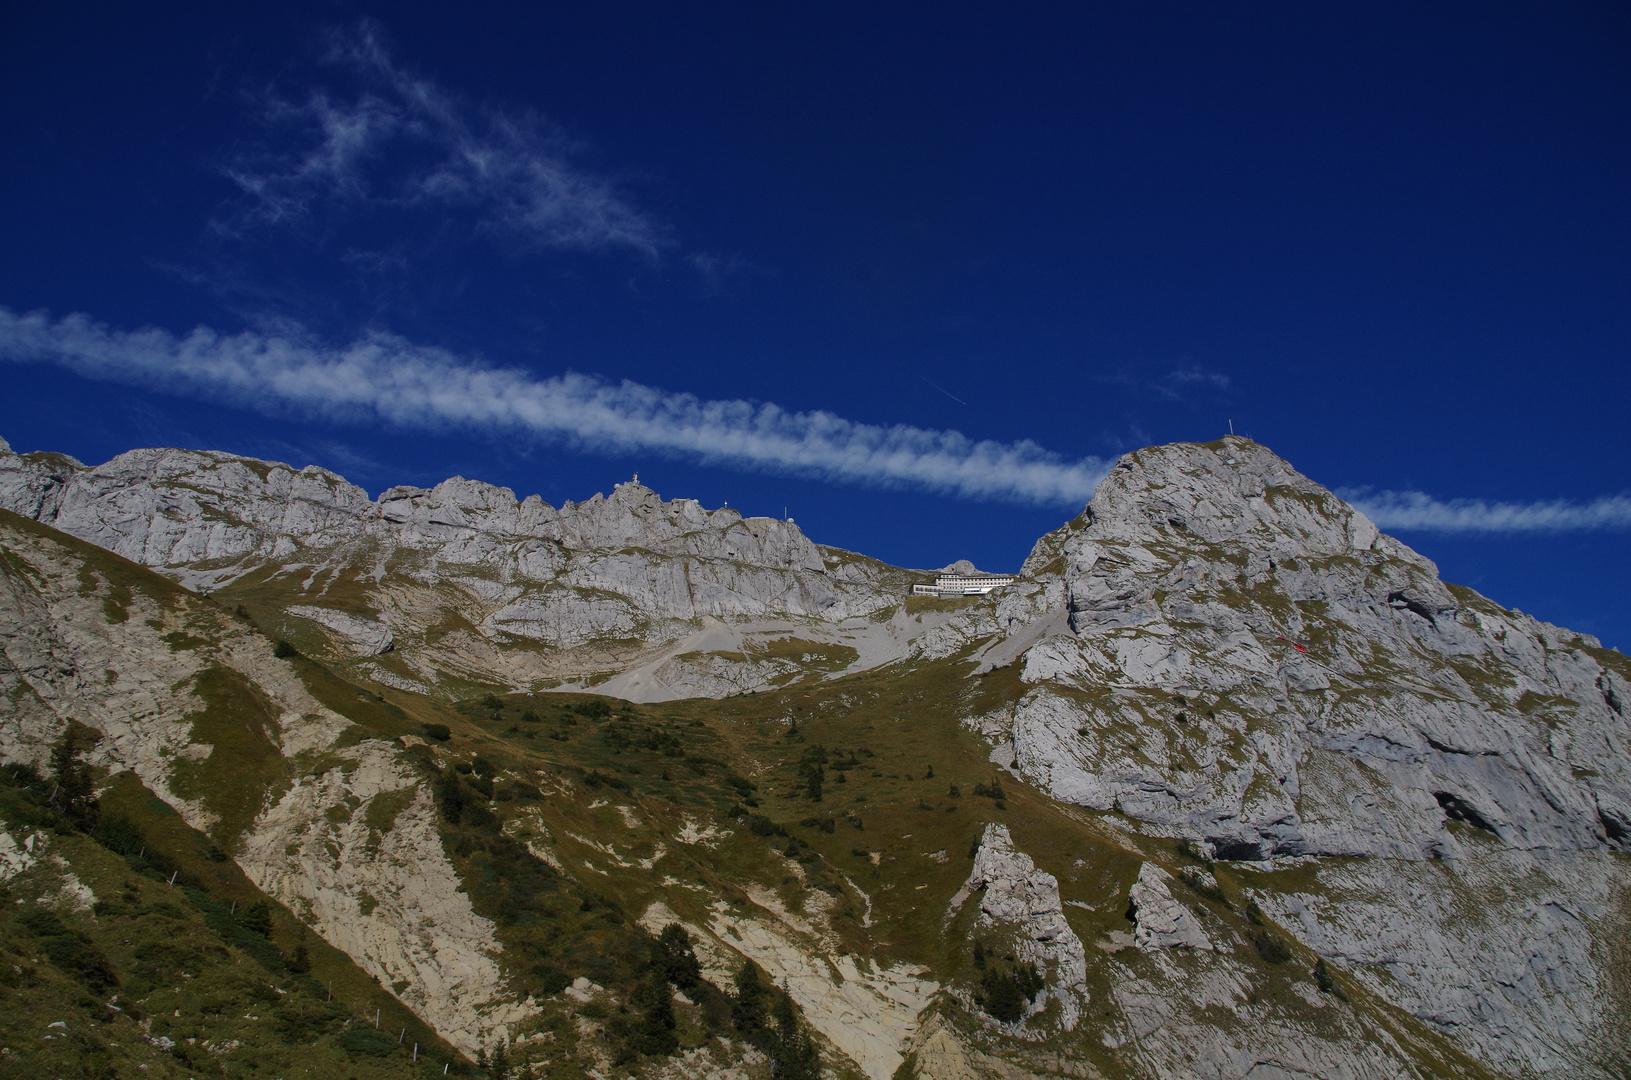 Wanderung von Alpnachstad zu Pilatus Kulm